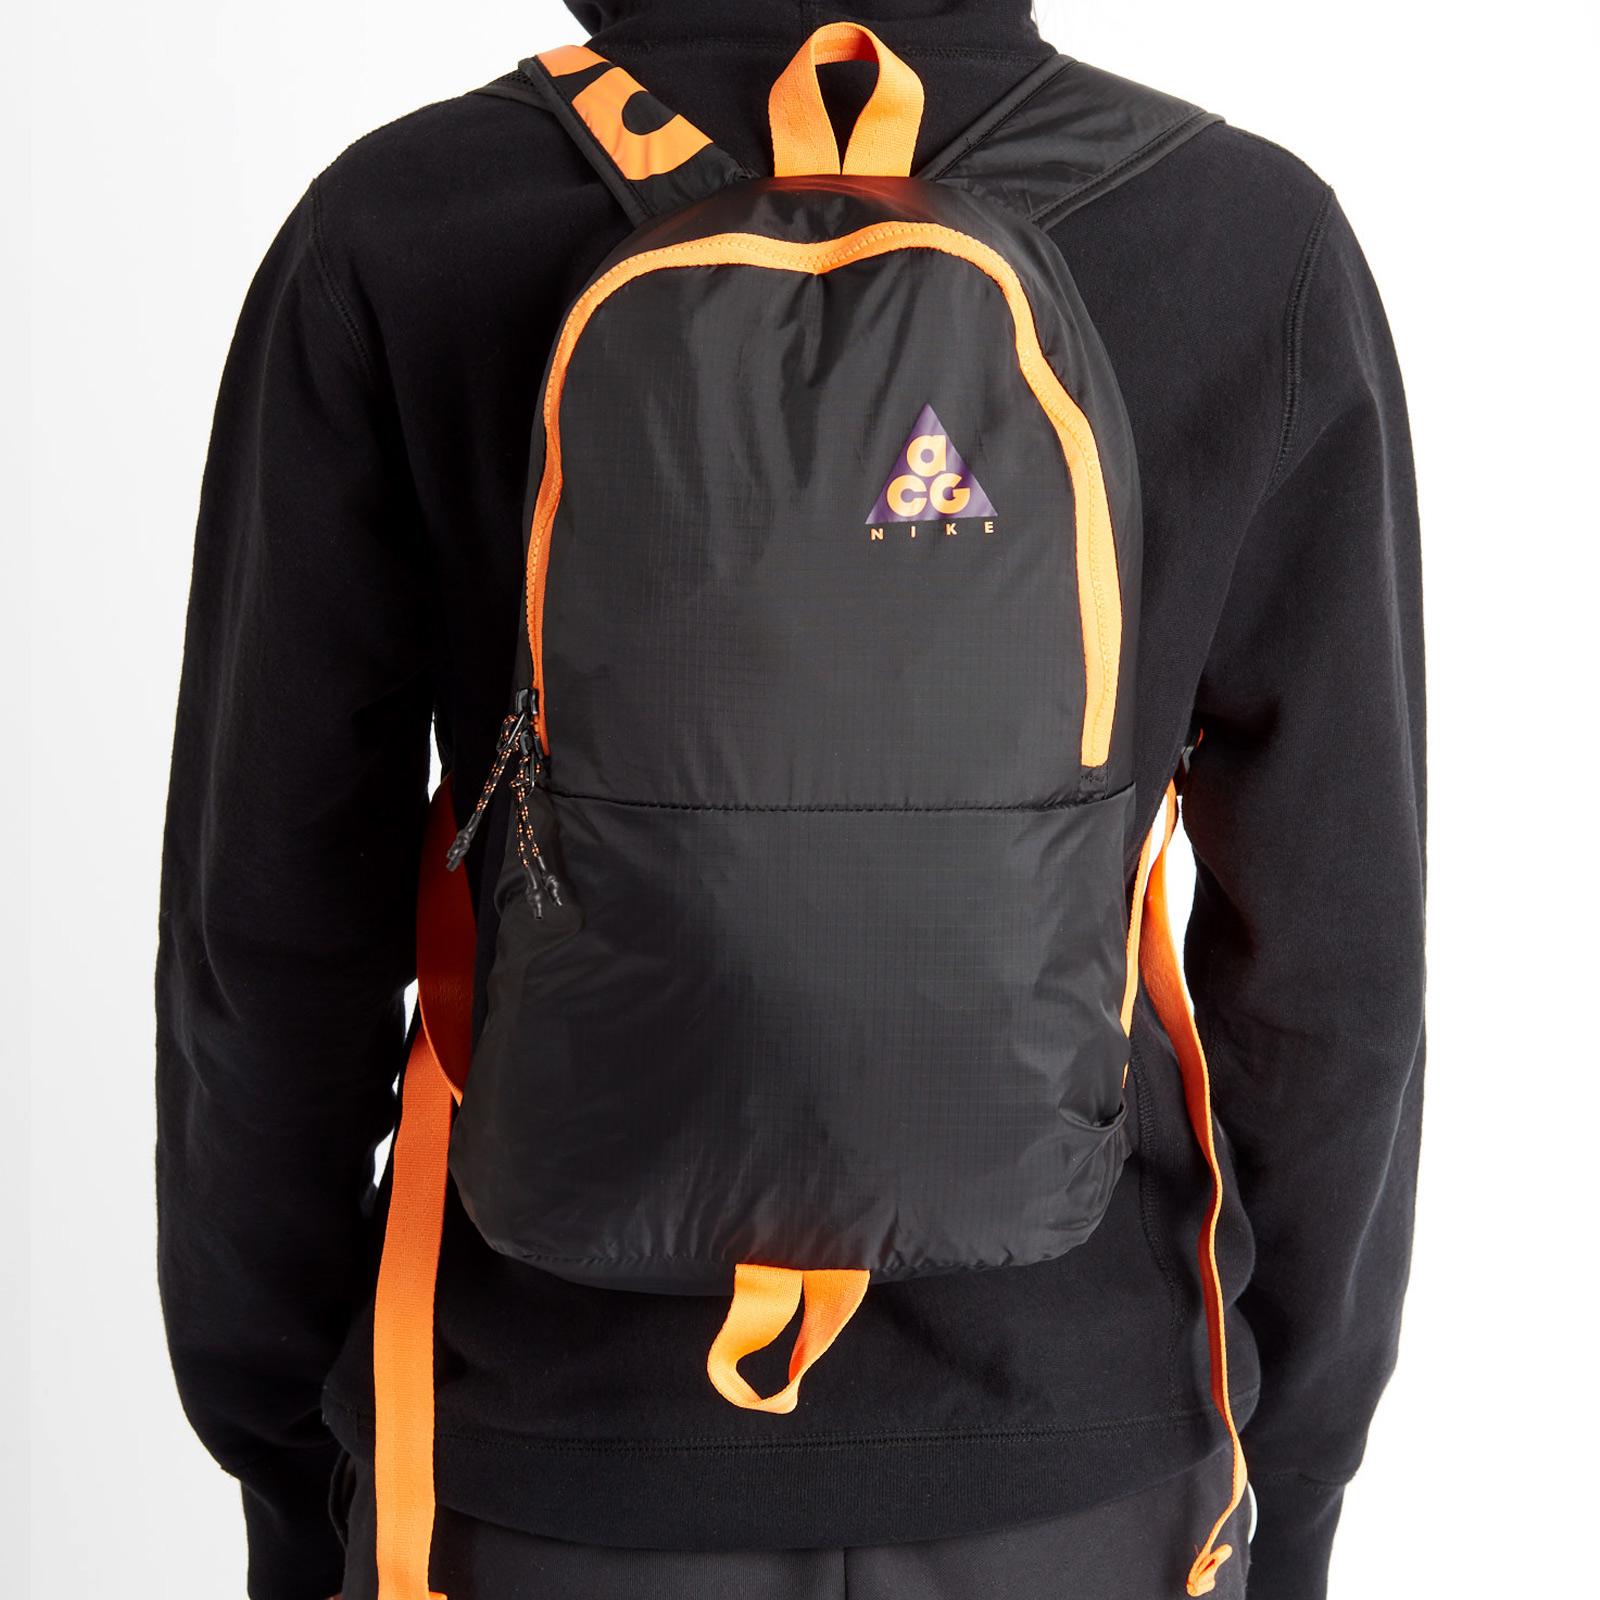 2172ba849fe Nike Packable Backpack - Ba5841-537 - Sneakersnstuff   sneakers ...